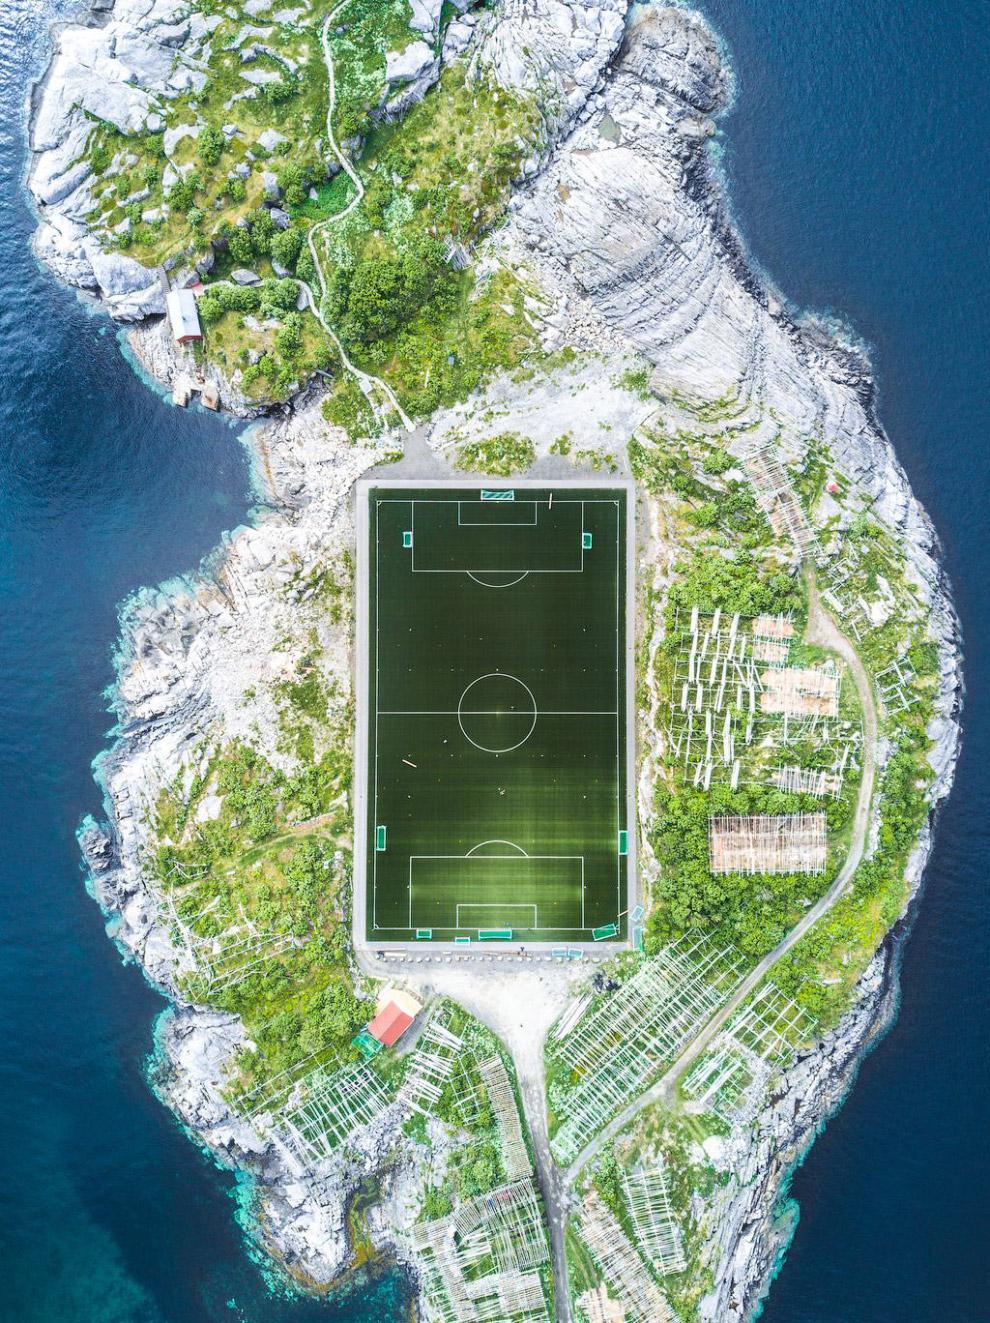 10. Второе место в категории «Города». Город-крепость Коулун в Гонконге. Город считается самым